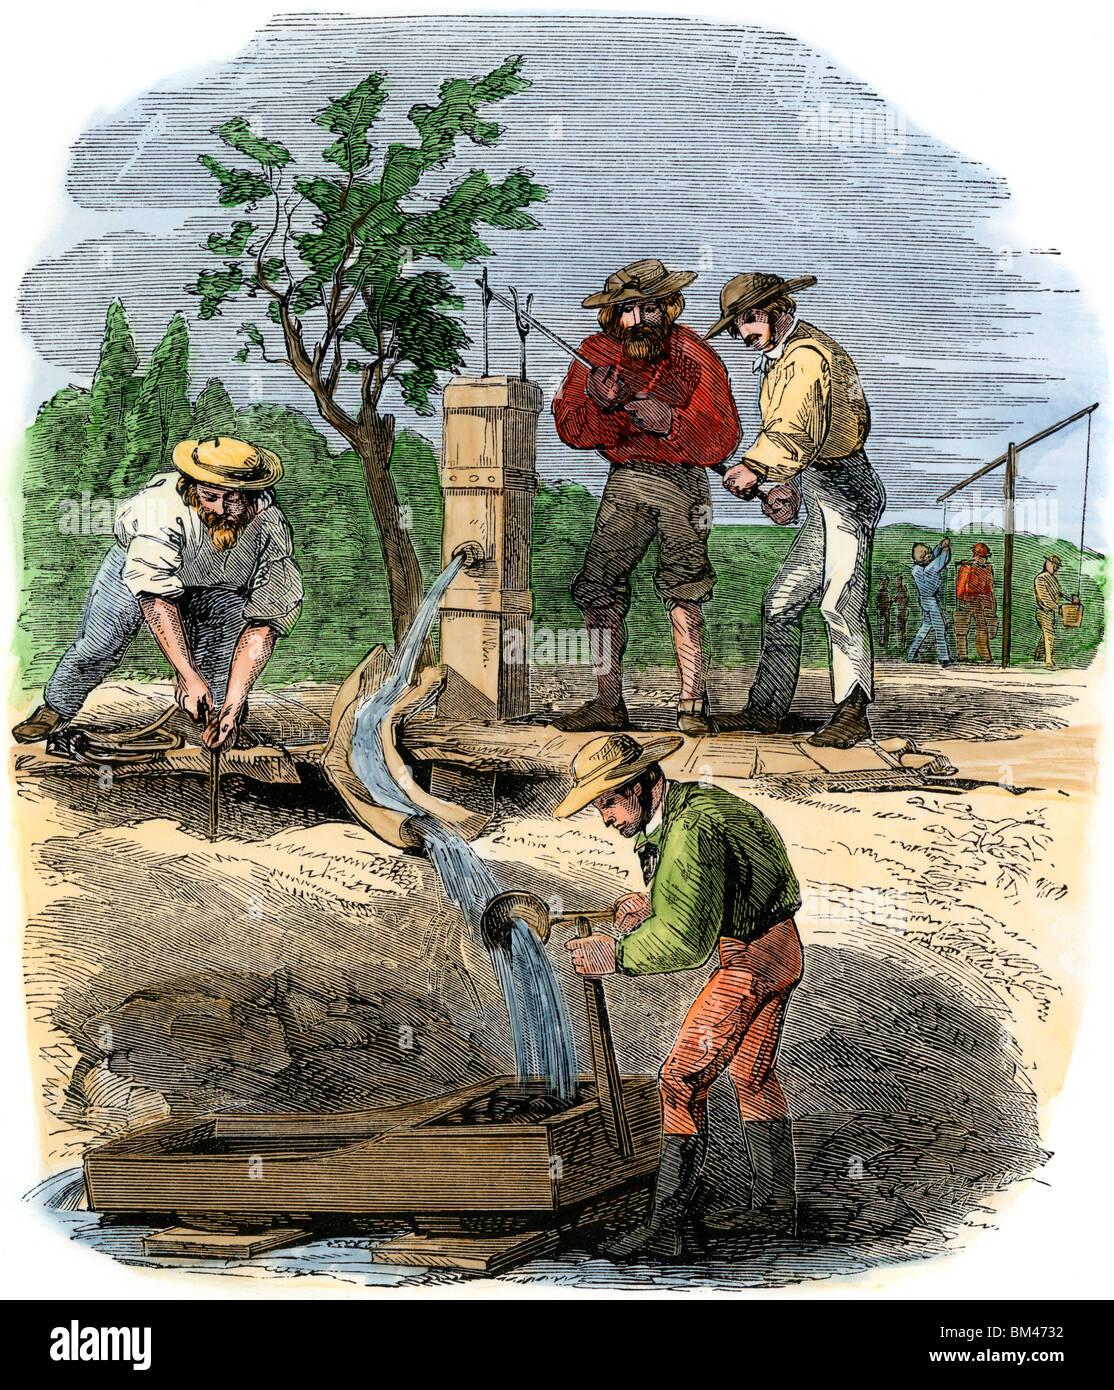 Des chercheurs d'or australiens travaillant un lit de rivière sur la demande de Turon, années 1850. Photo Stock